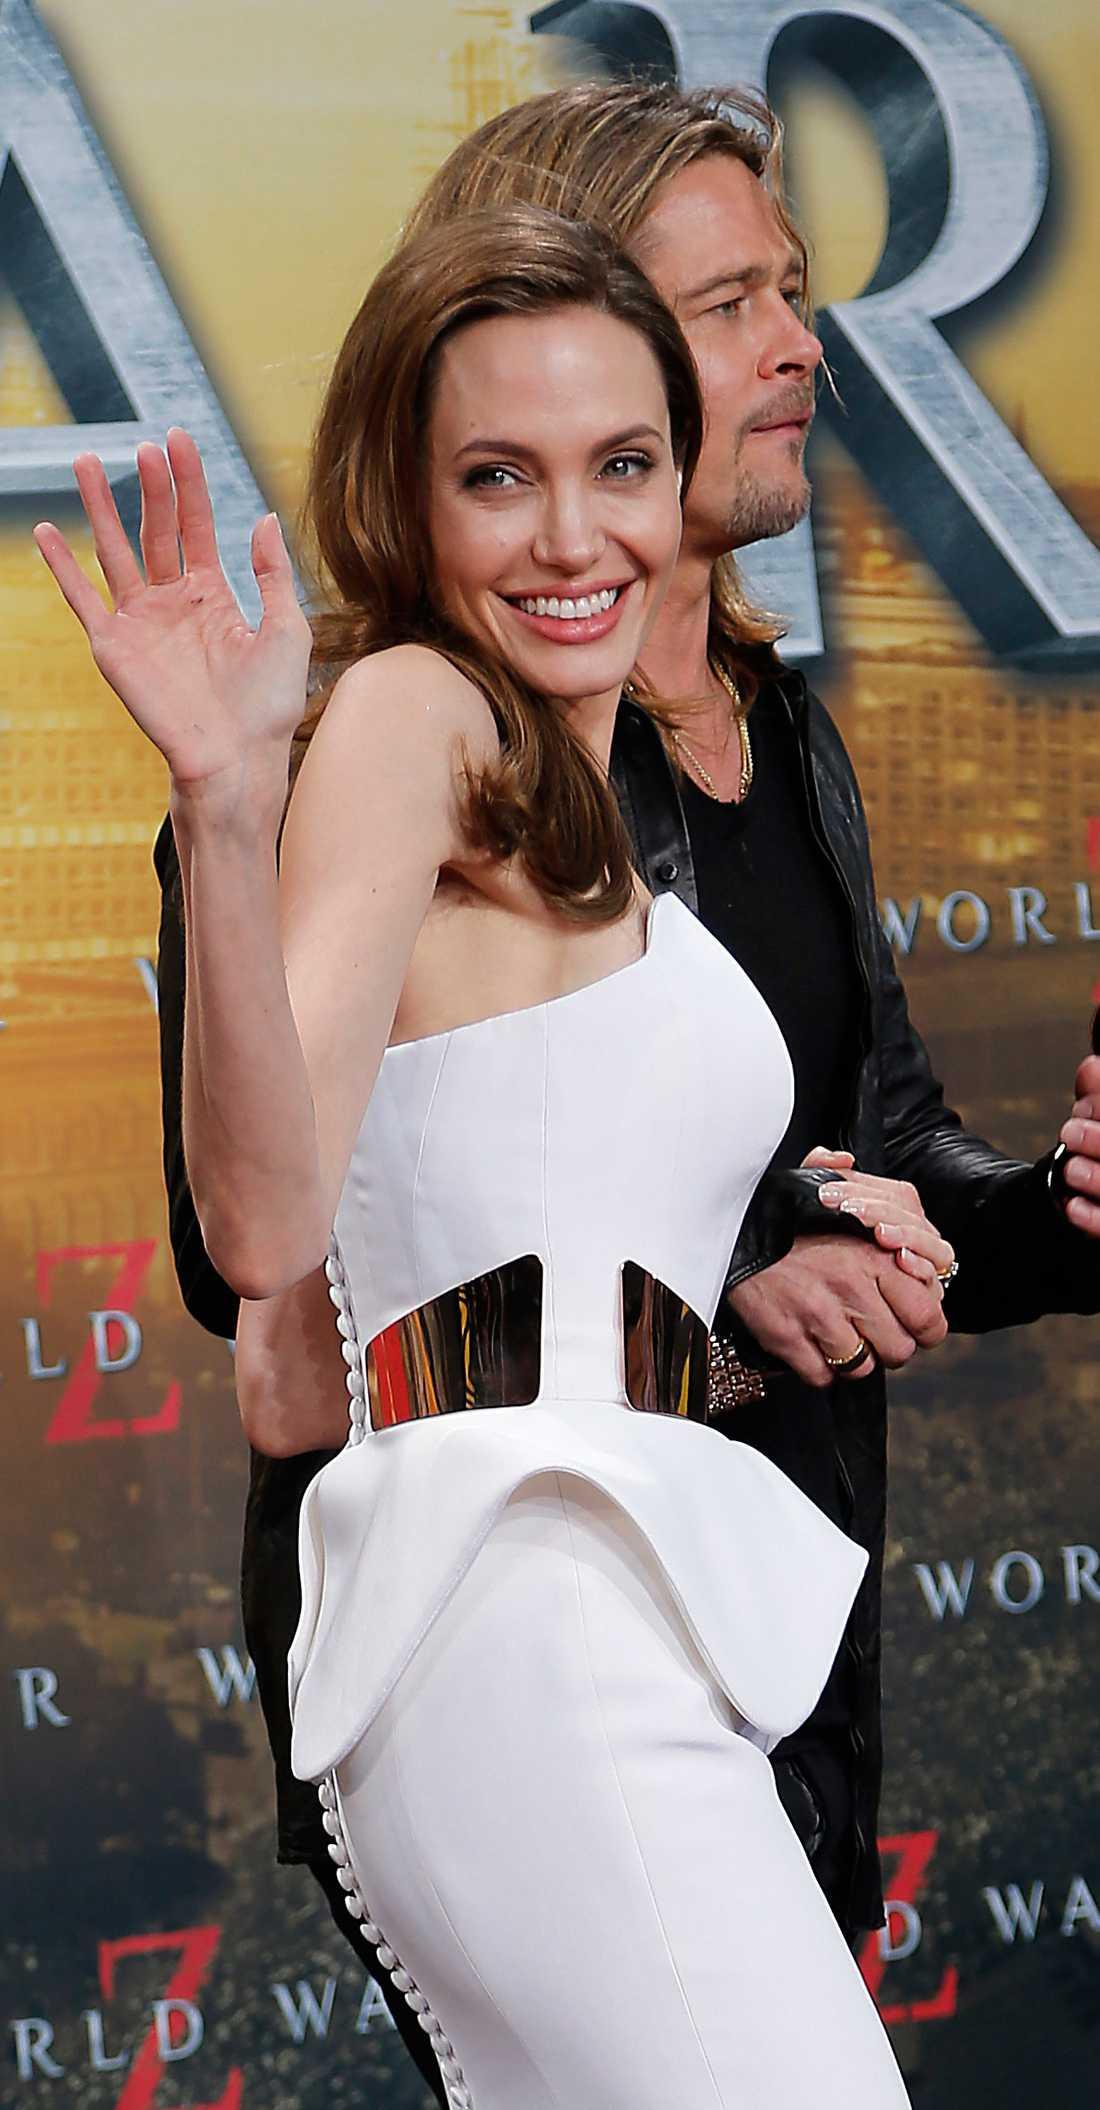 """Superstjärnan Angelina Jolie har opererat bort sina bröst och planerar att ta bort sina äggstockar. """"När jag väl visste att det var min verklighet, beslutade jag mig för att minimera riskerna så mycket jag kunde"""", skriver Angelina i sitt öppna brev."""